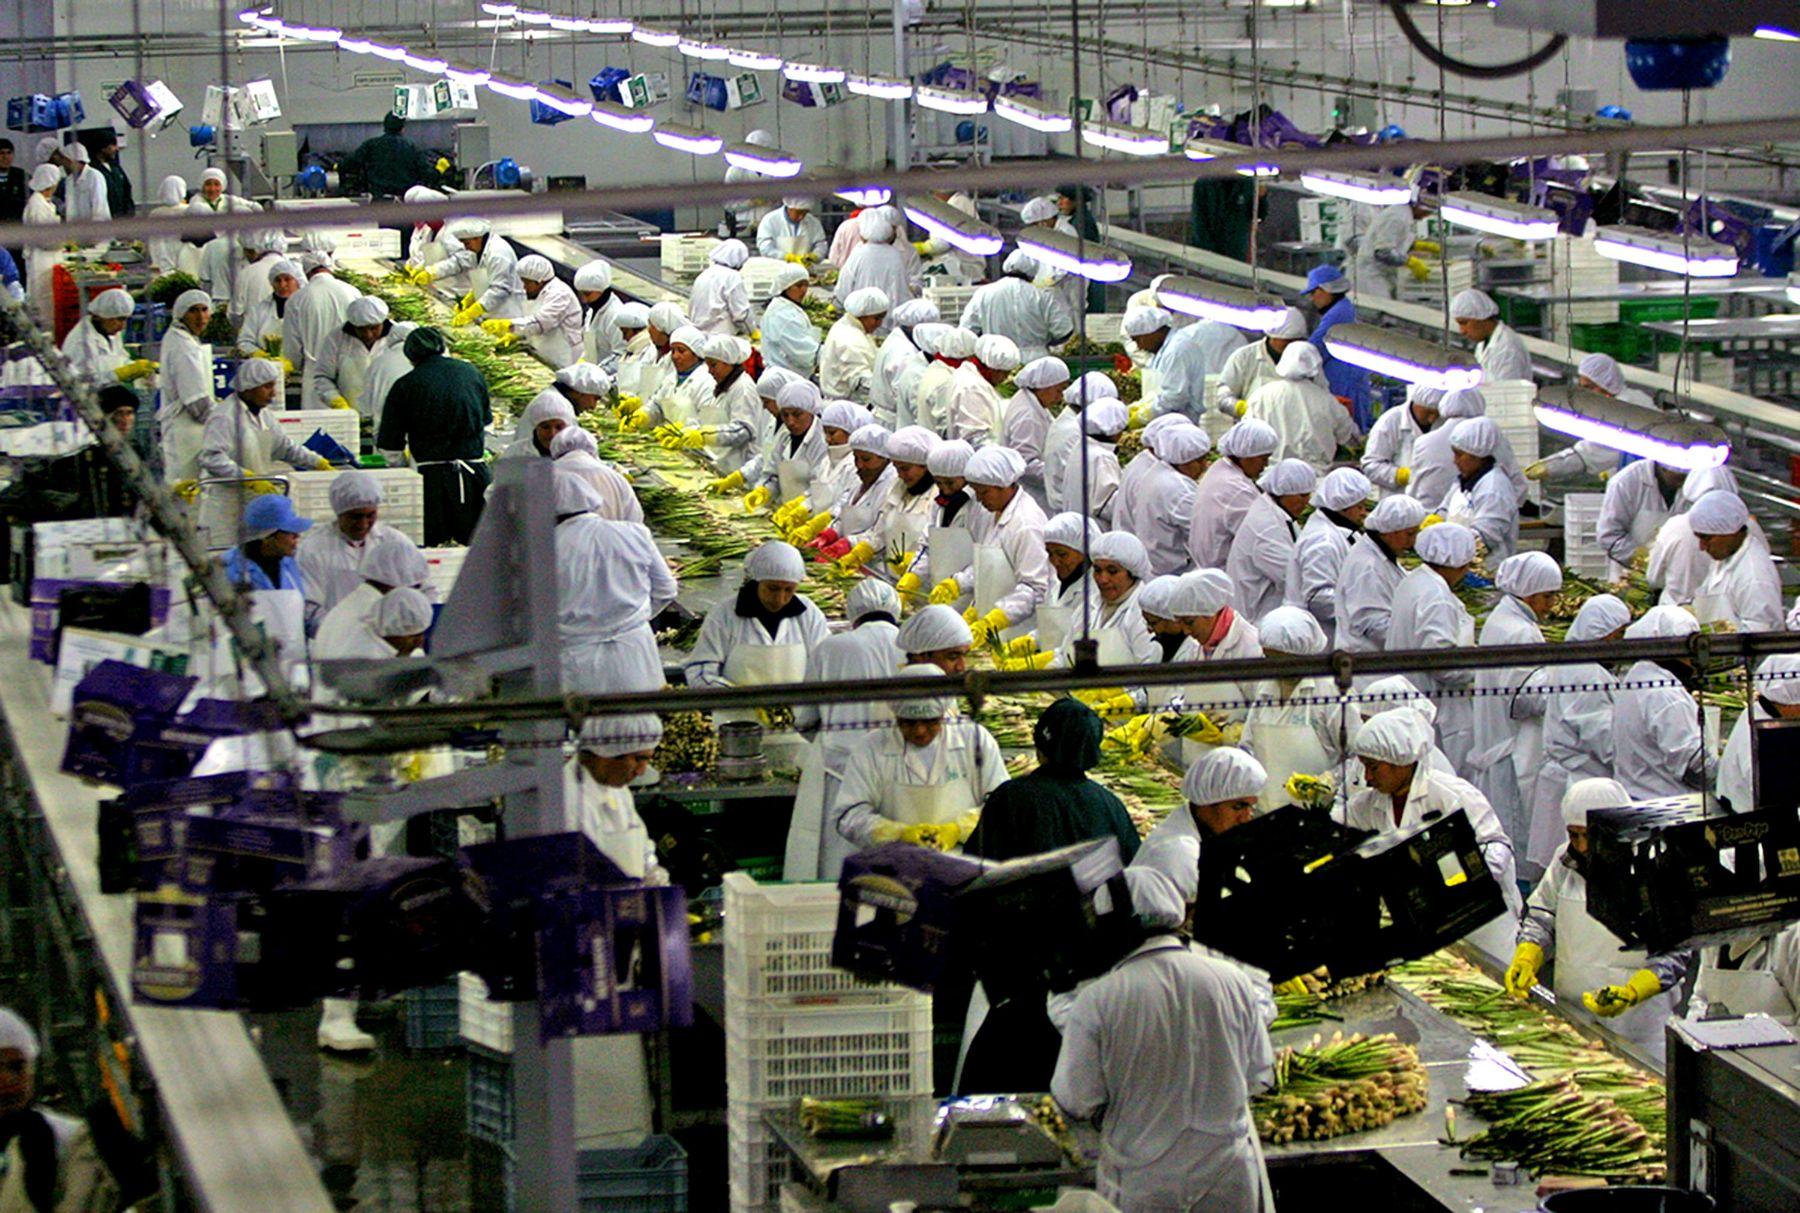 Minagri: Agroexportaciones peruanas sumaron US$ 3.275 millones entre enero y julio del presente año